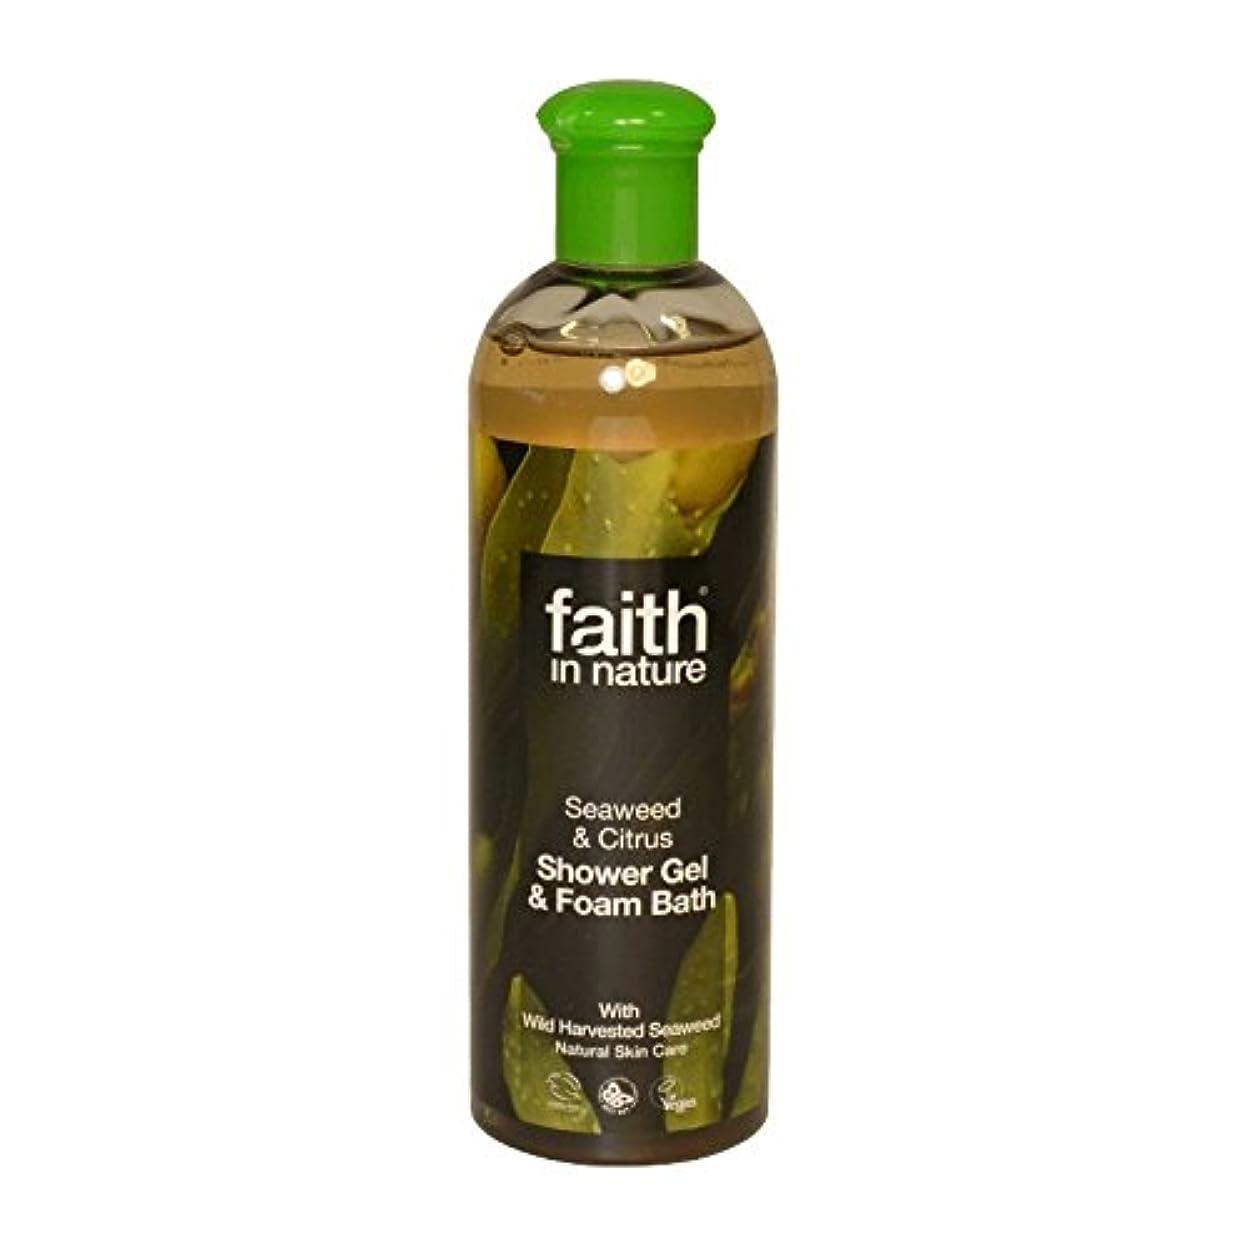 課税移植束ねるFaith in Nature Seaweed & Citrus Shower Gel & Bath Foam 400ml (Pack of 2) - 自然の海藻&シトラスシャワージェル&バス泡400ミリリットルの信仰...